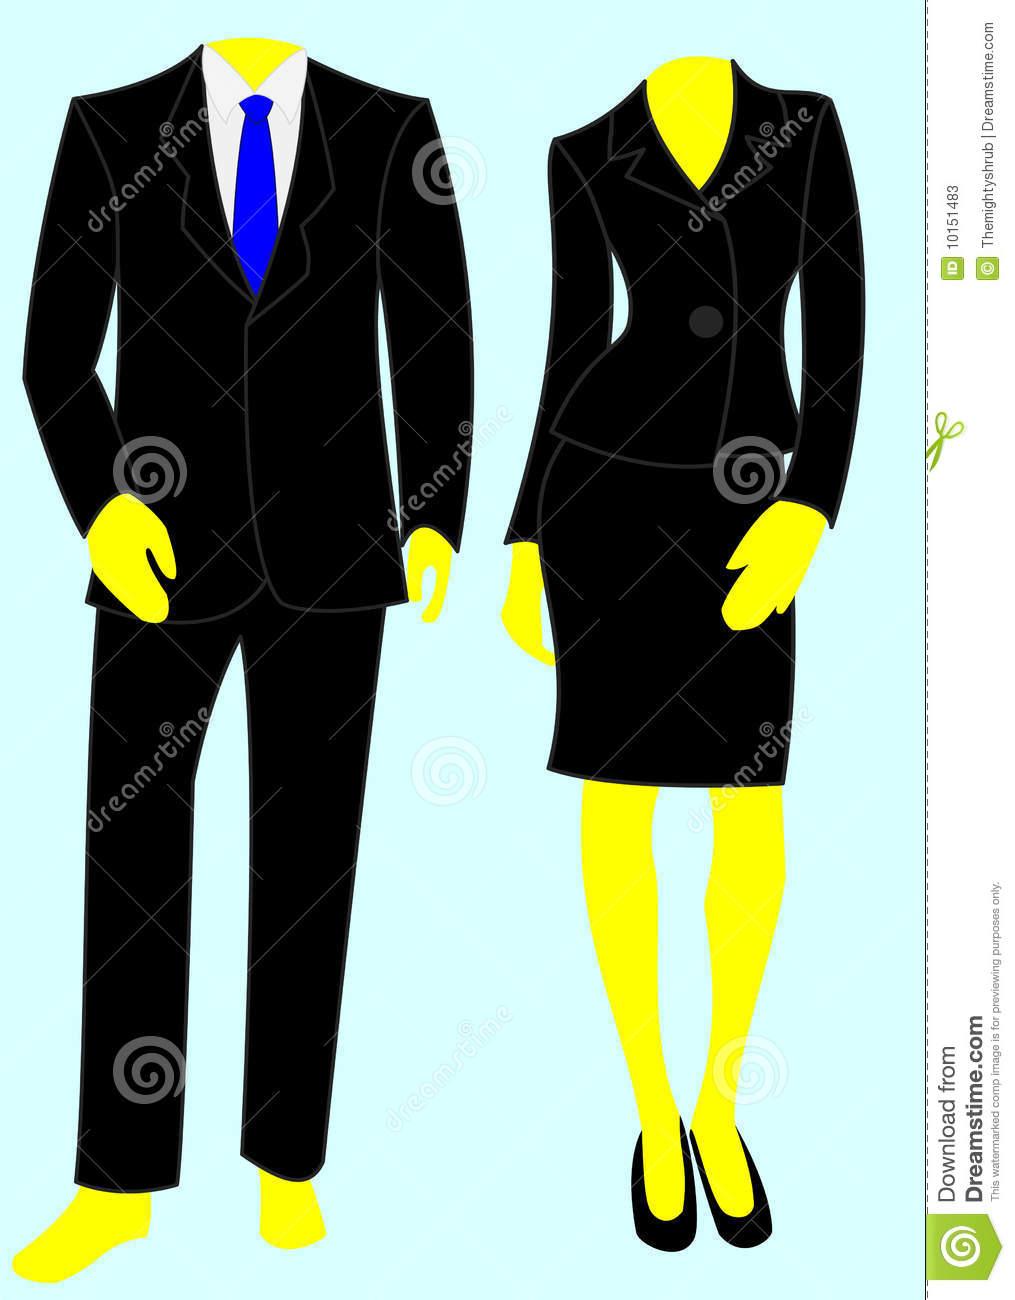 Suit clipart business wear, Suit business wear Transparent.